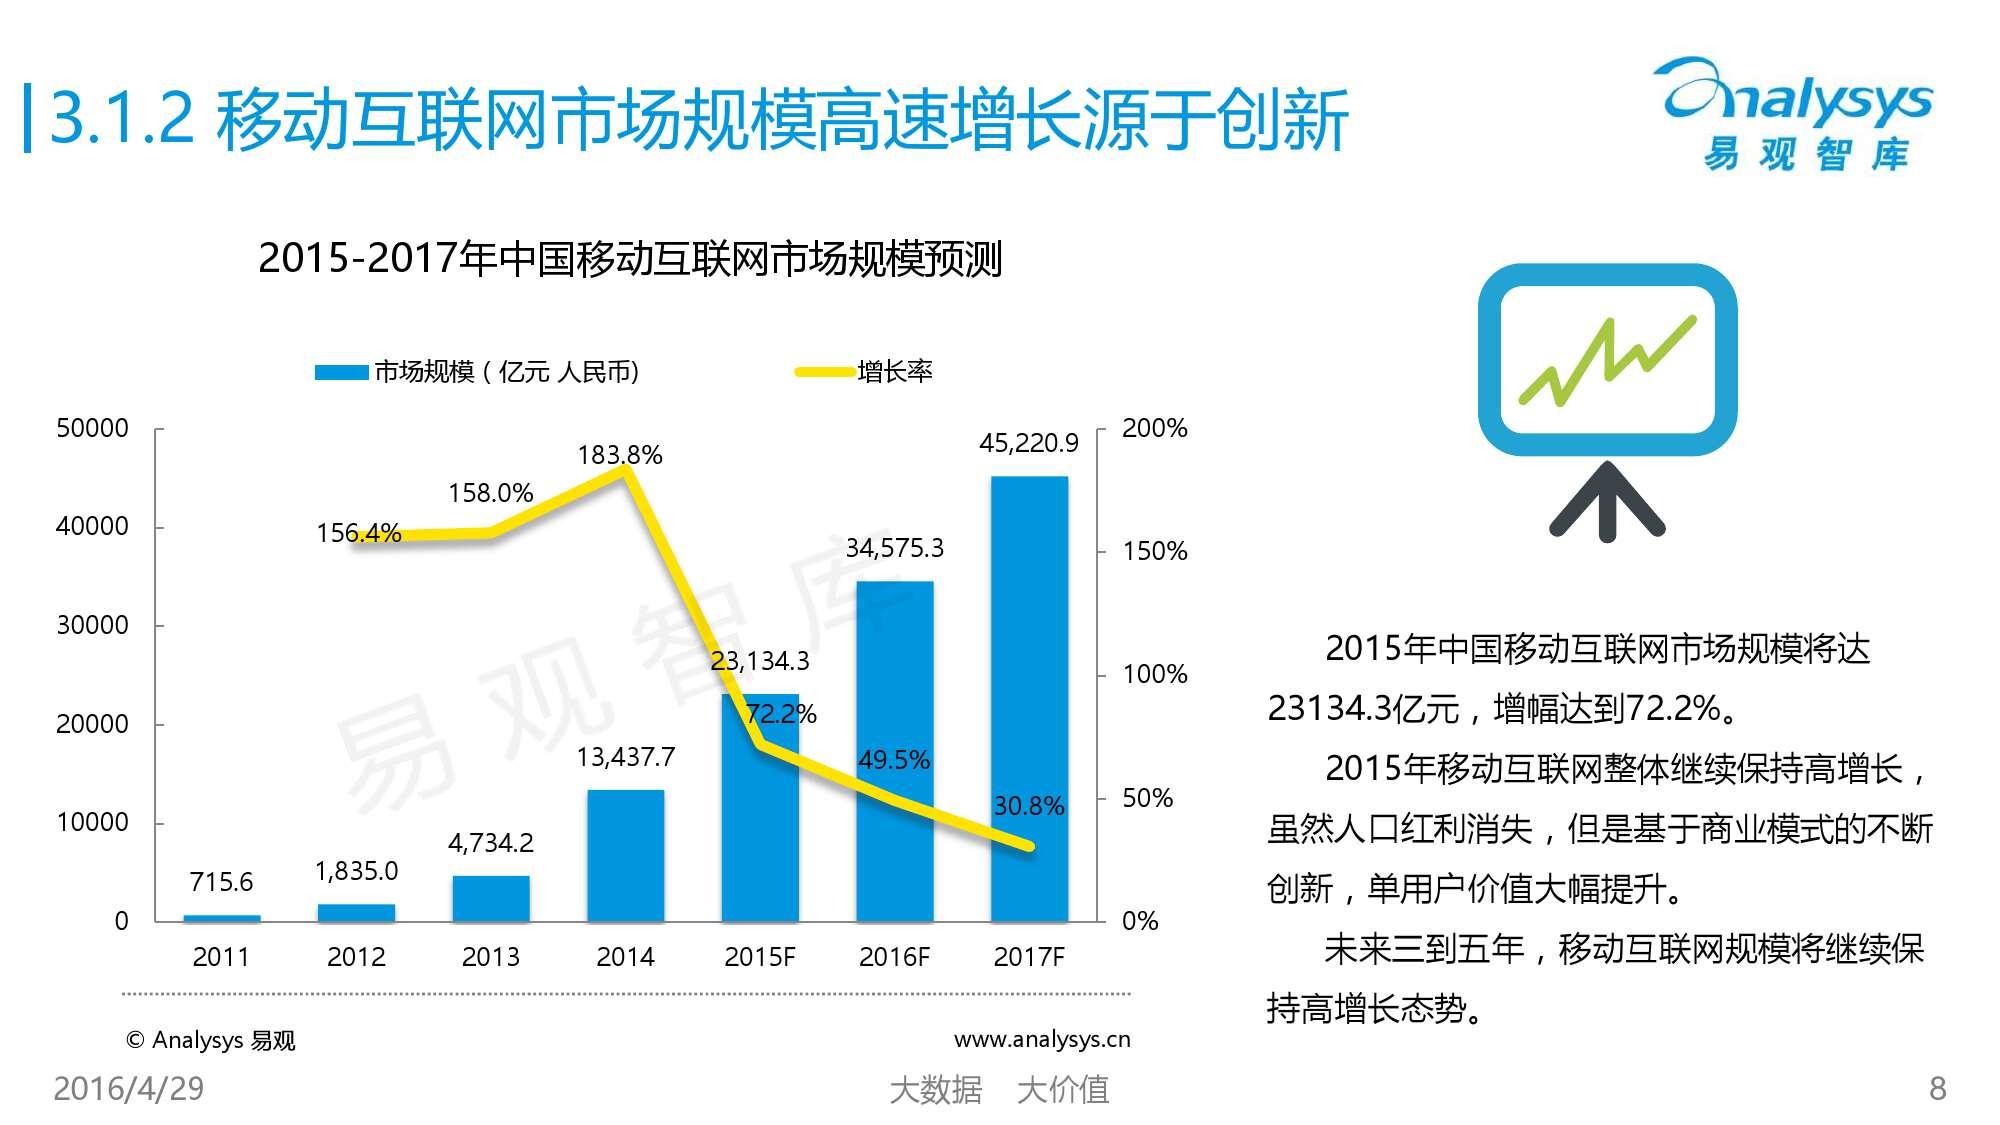 中国移动互联网用户行为统计报告2016_000008